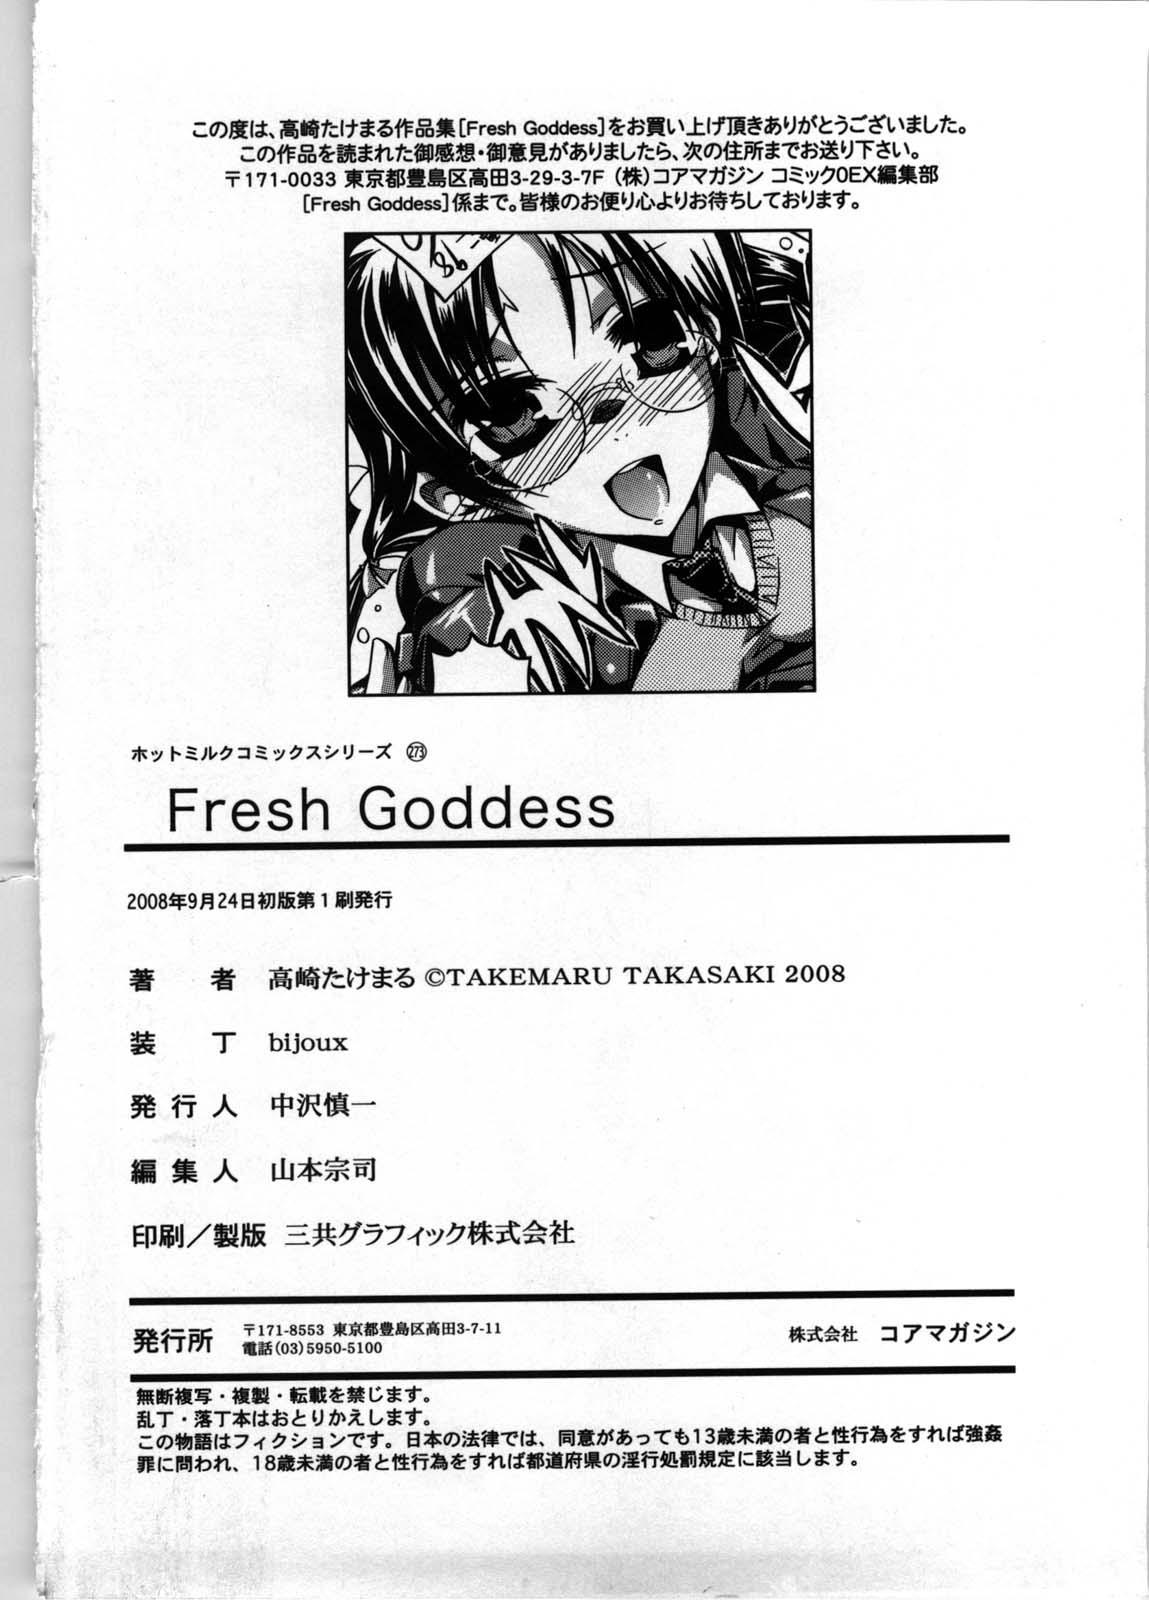 Fresh Goddess 207